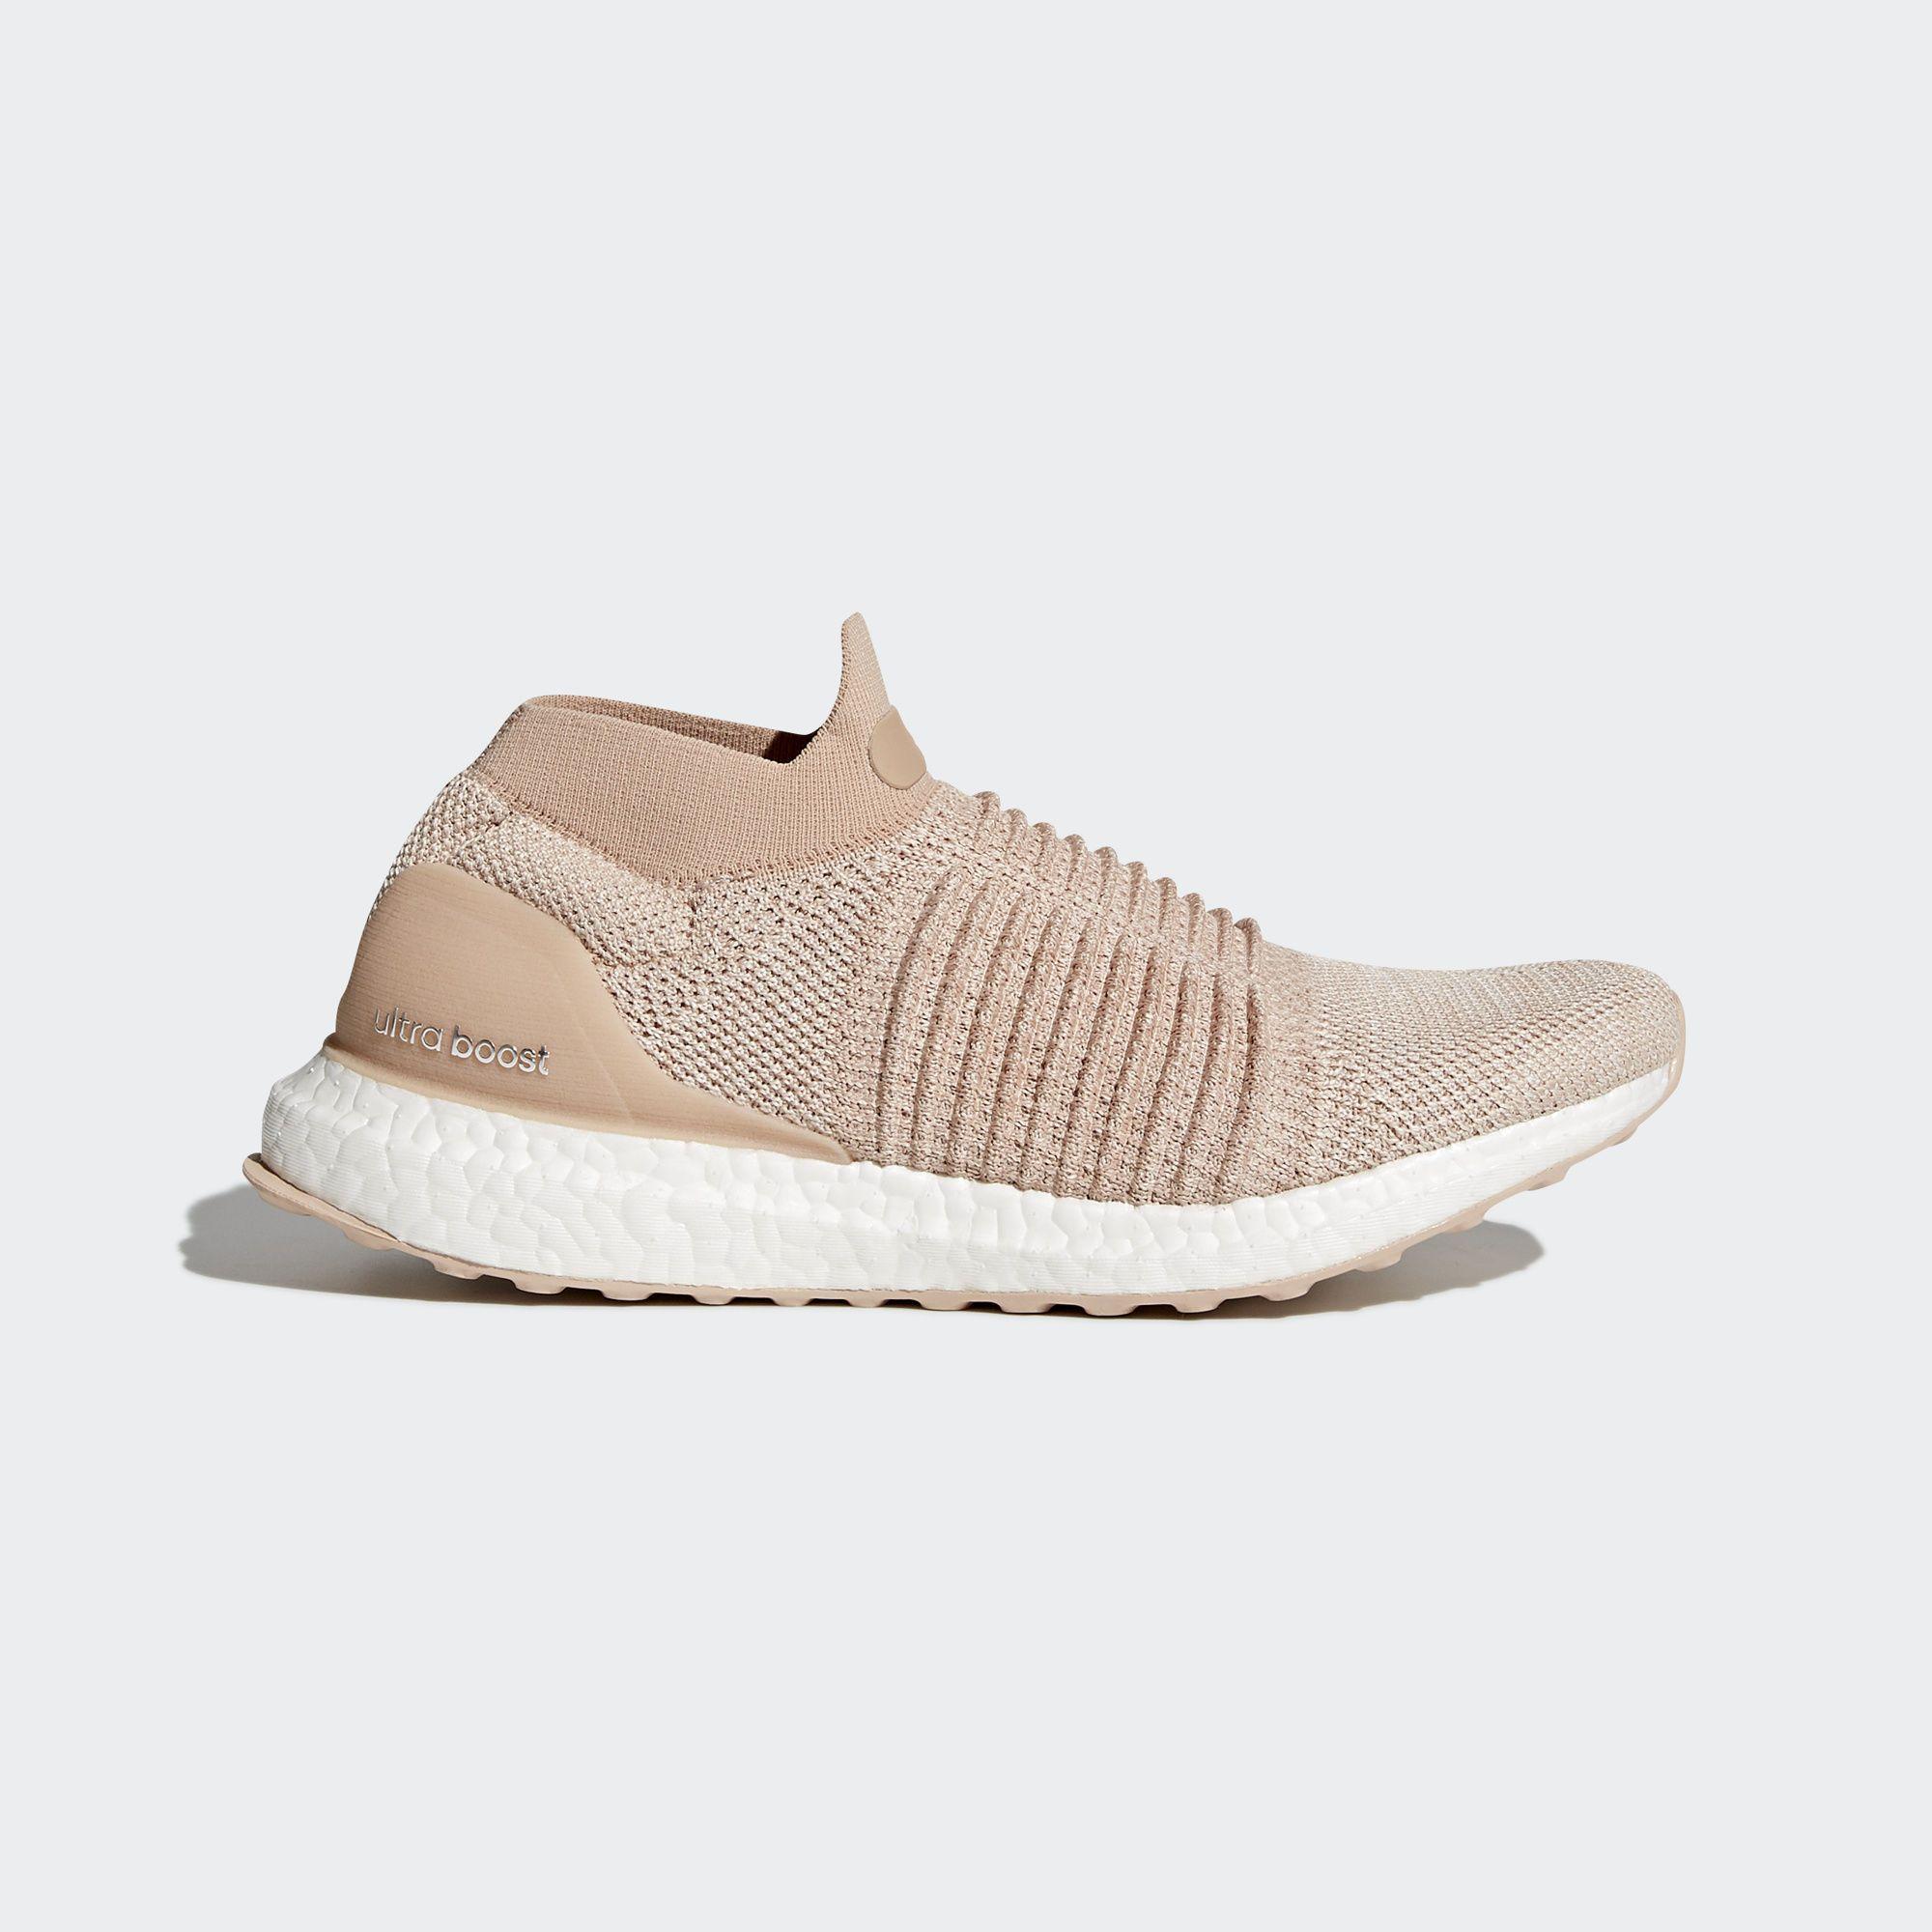 Ultraboost Laceless ShoesWomen's Running pwjOUJv